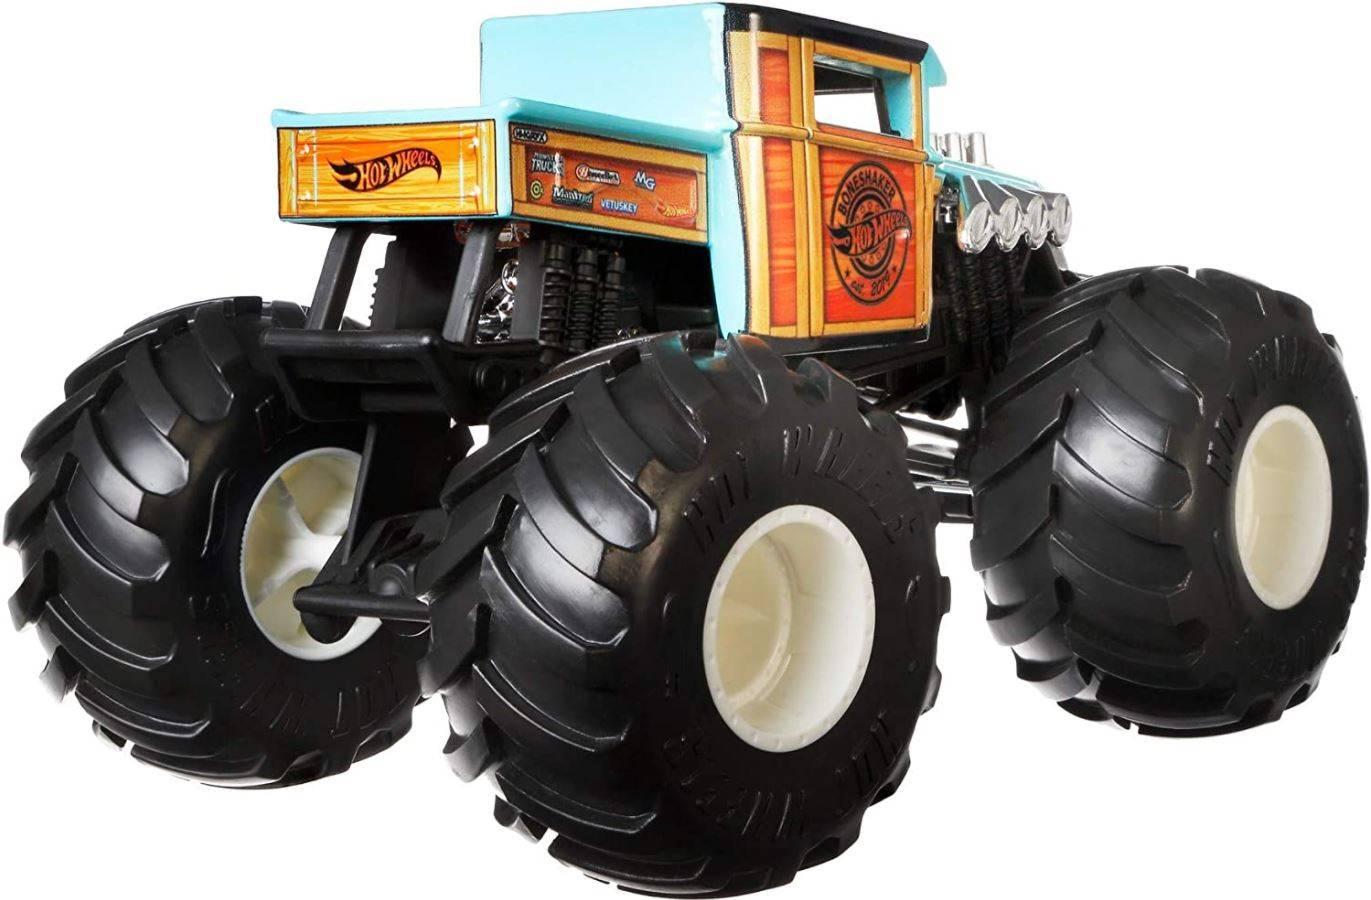 Hot Wheels Monster Trucks Bone Shaker GWL05